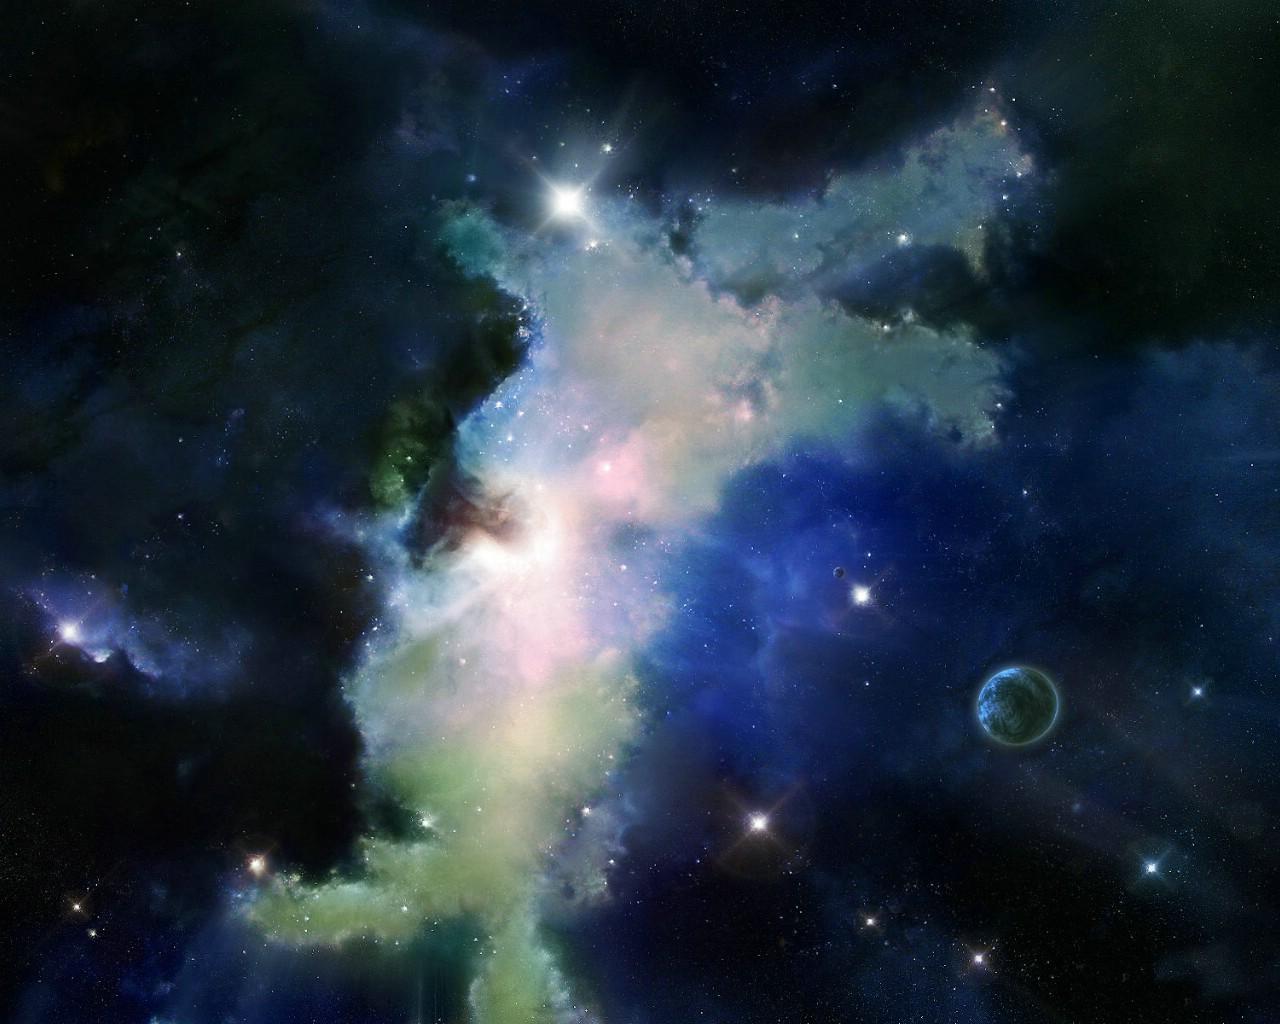 宇宙星球cg插画桌面